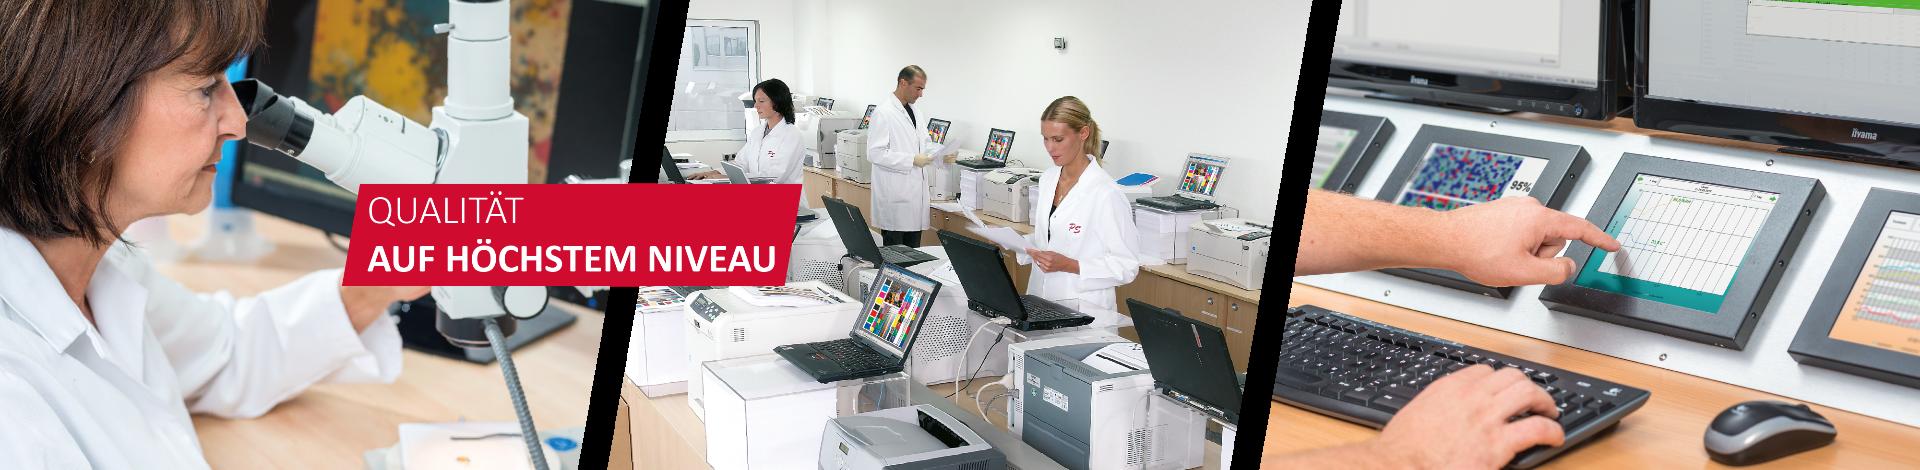 Printservice Qualität